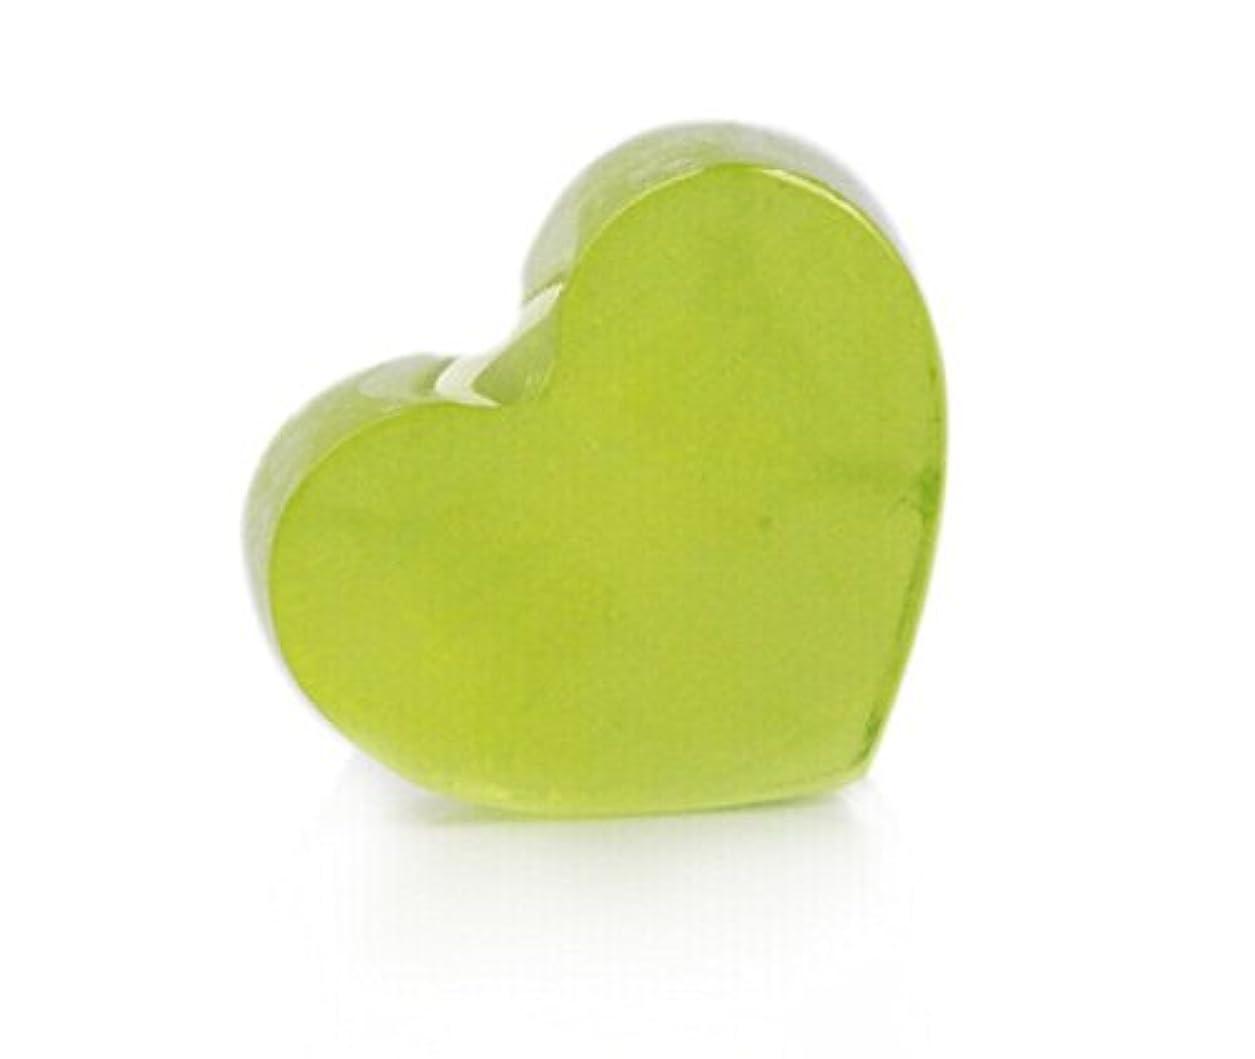 歌う音楽を聴く別の緑茶クレンジングディープクリーンにきび跡削除手作りオイルソープ  90g